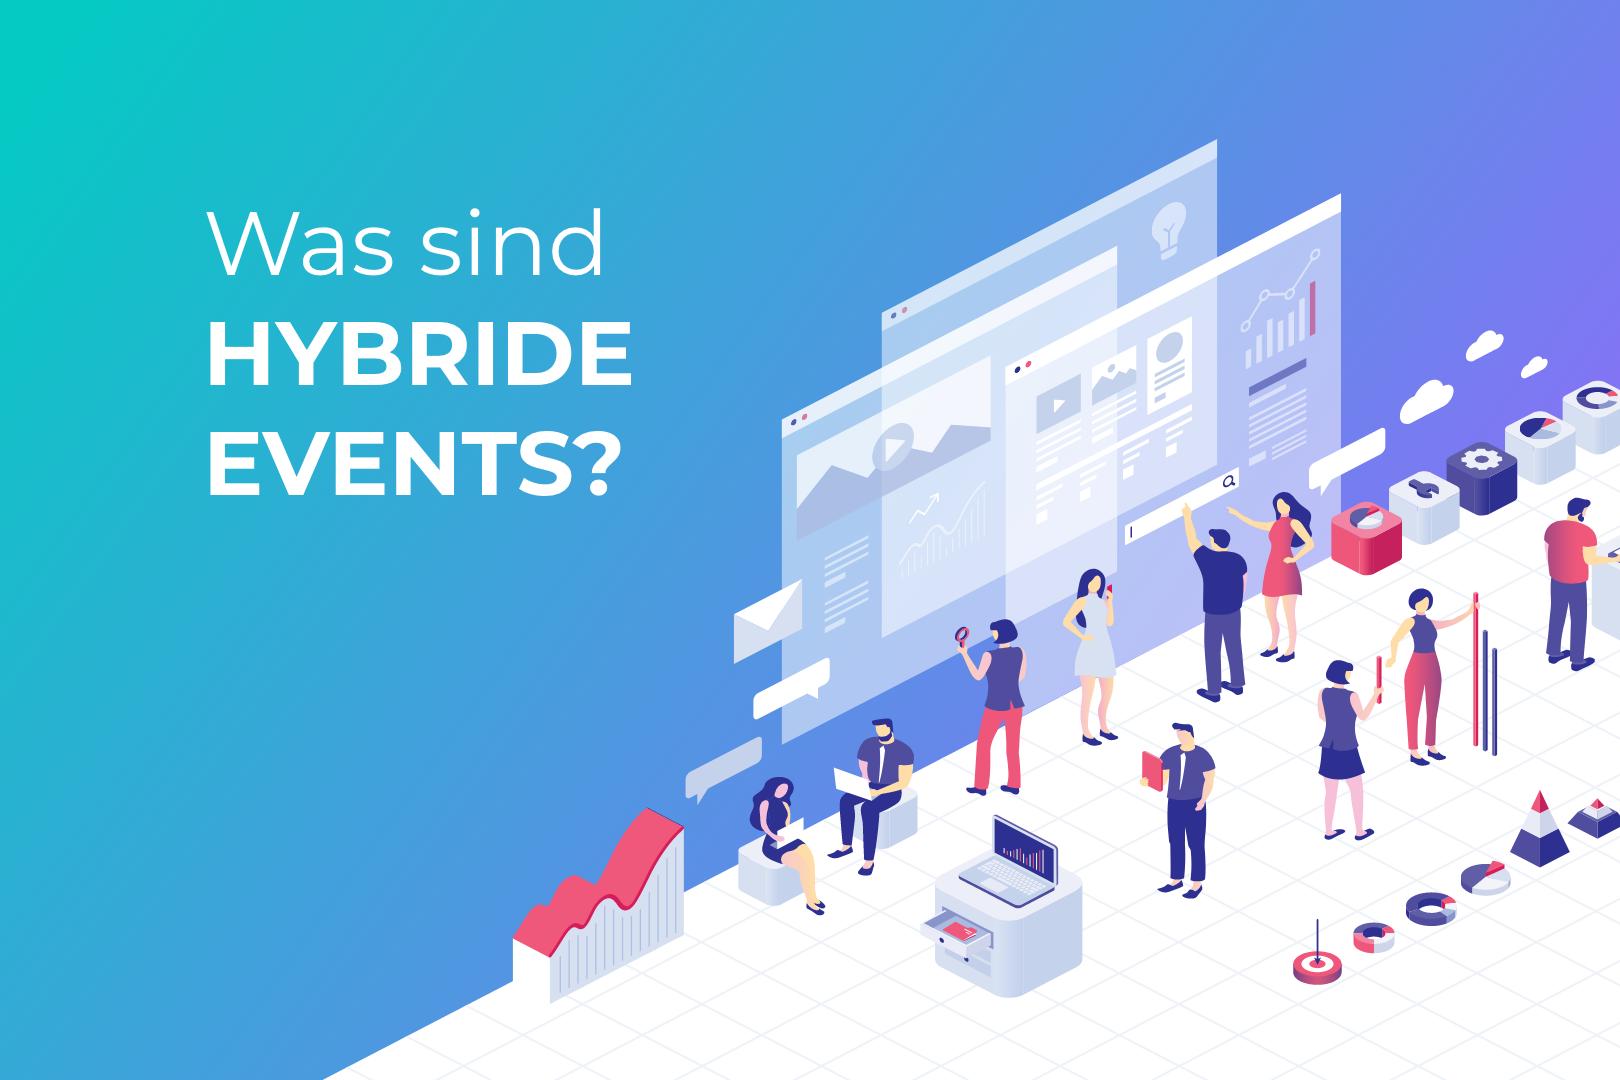 Hybride Evente, Konzepte für hybrid event, Case Study hybride Events